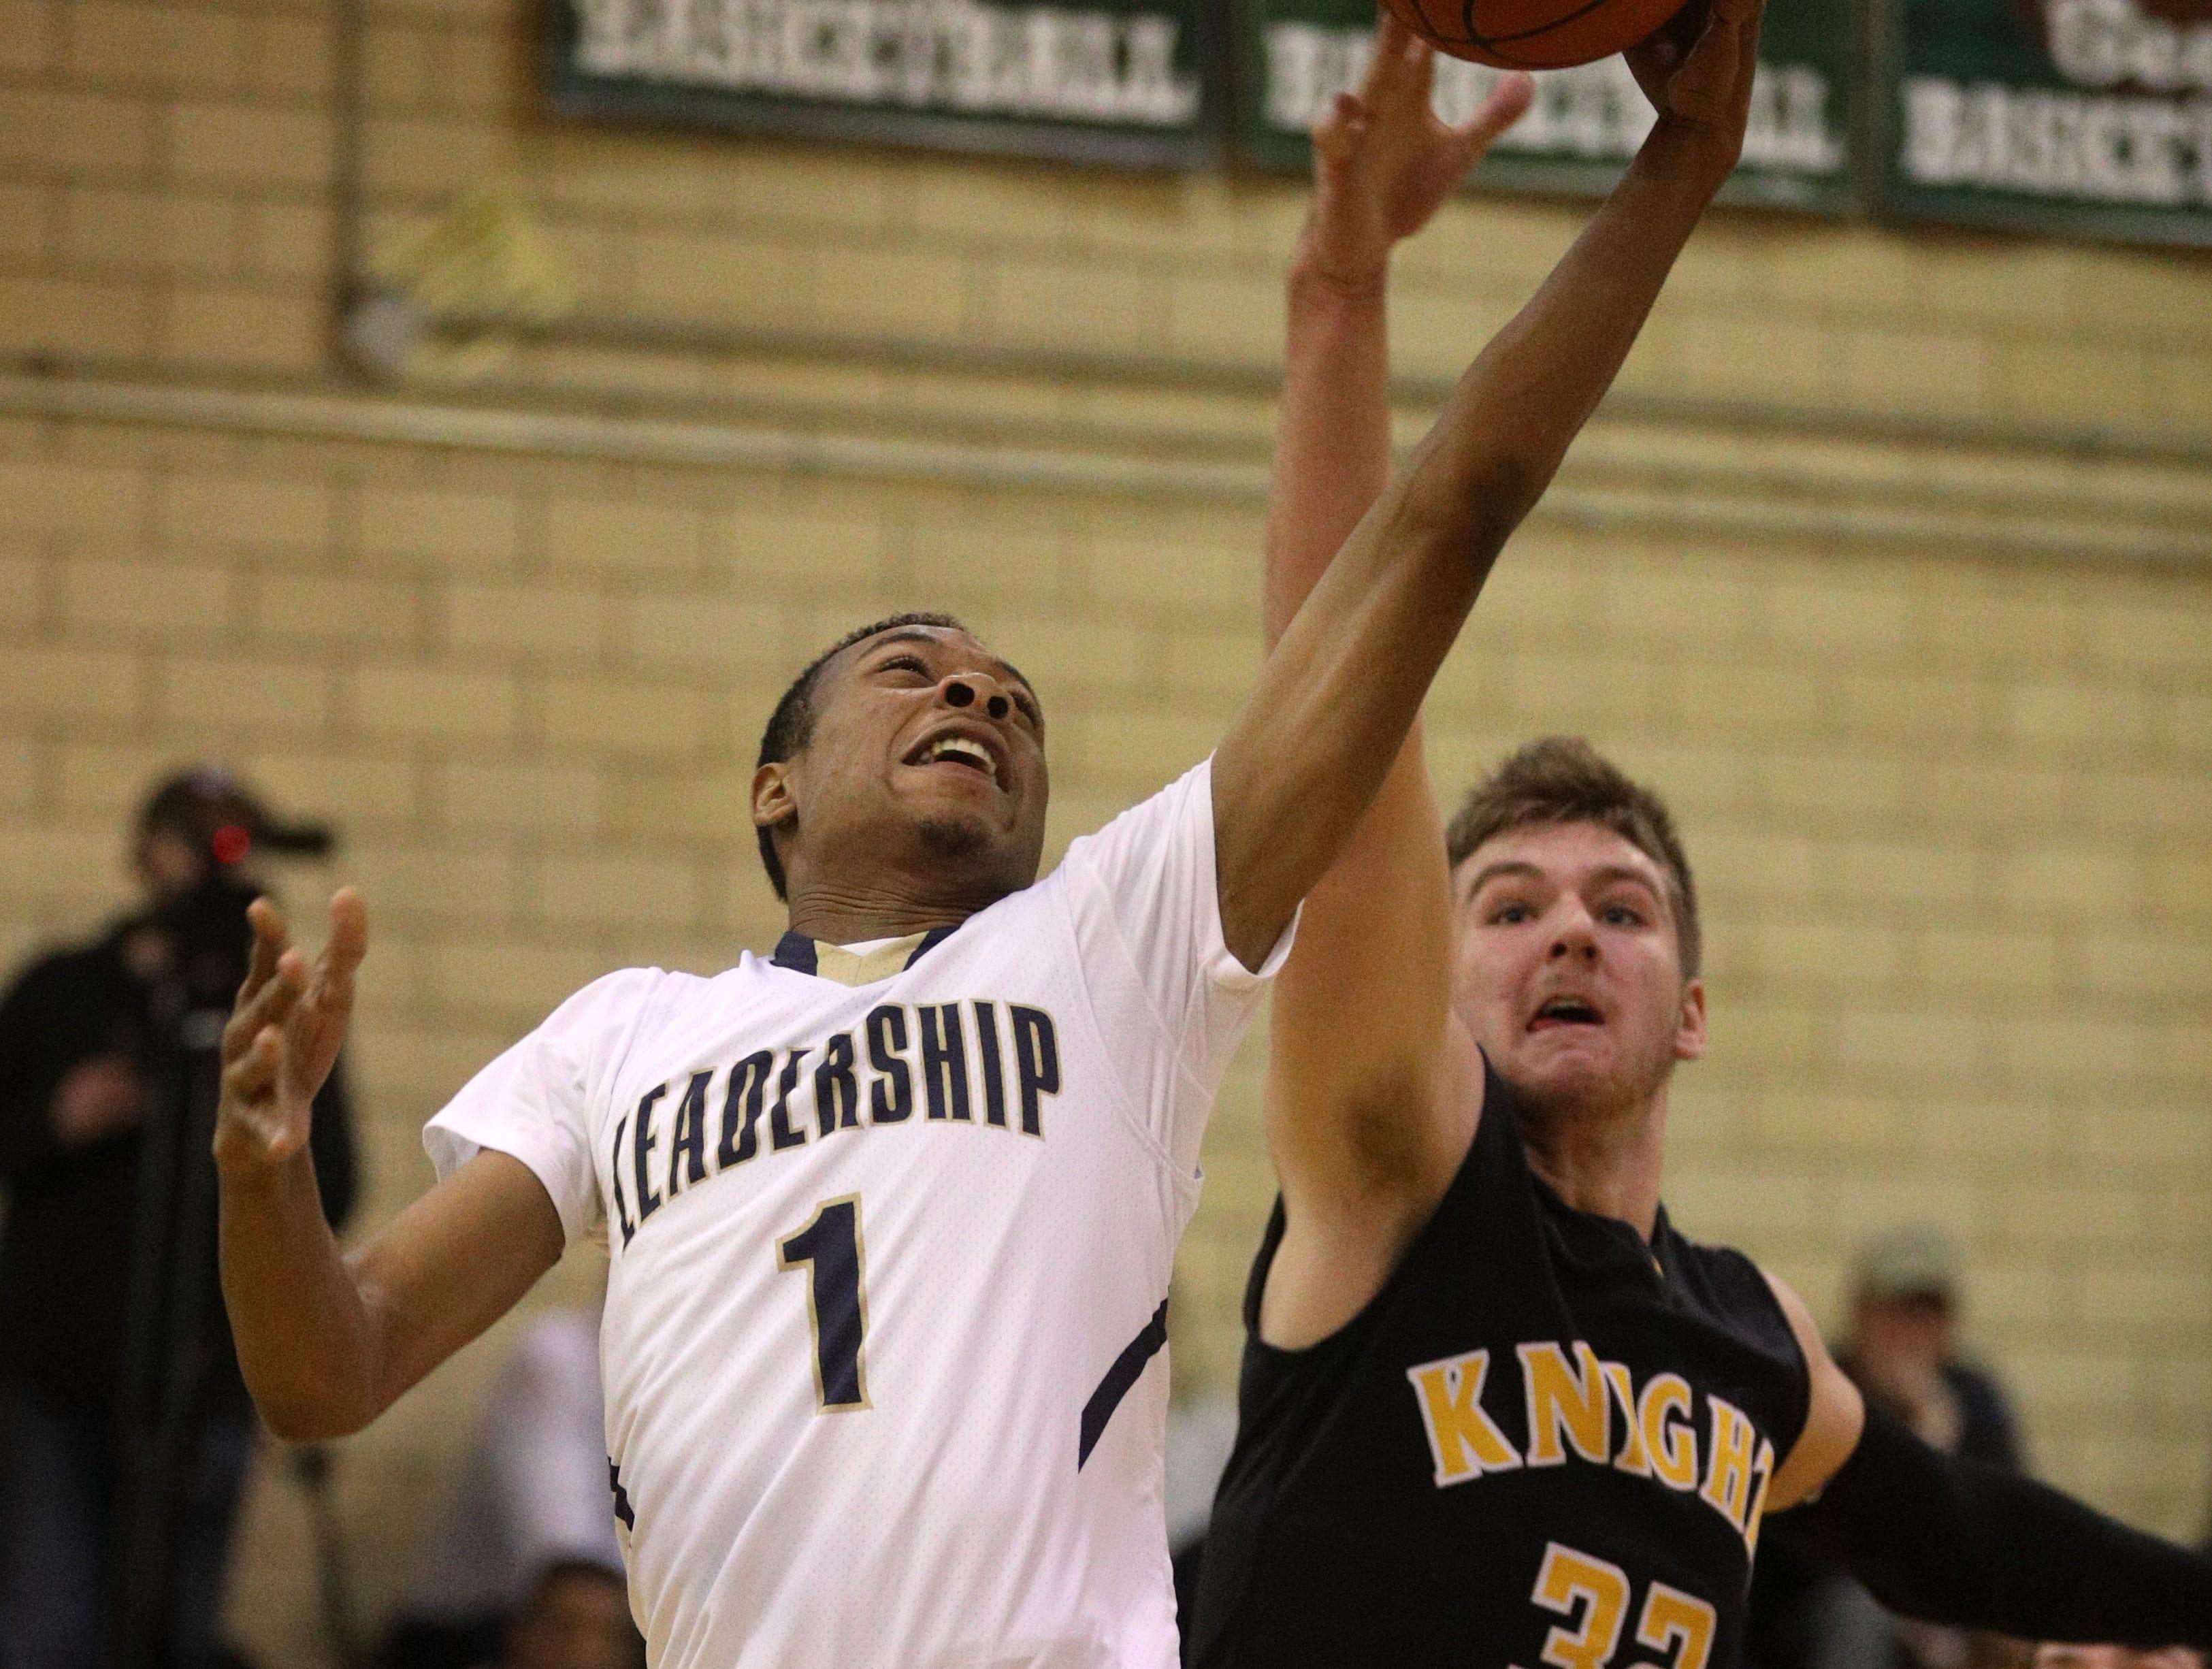 Leadership's Onajae Anderson (1) drives to the basket around McQuaid's  Connor Zamiara.